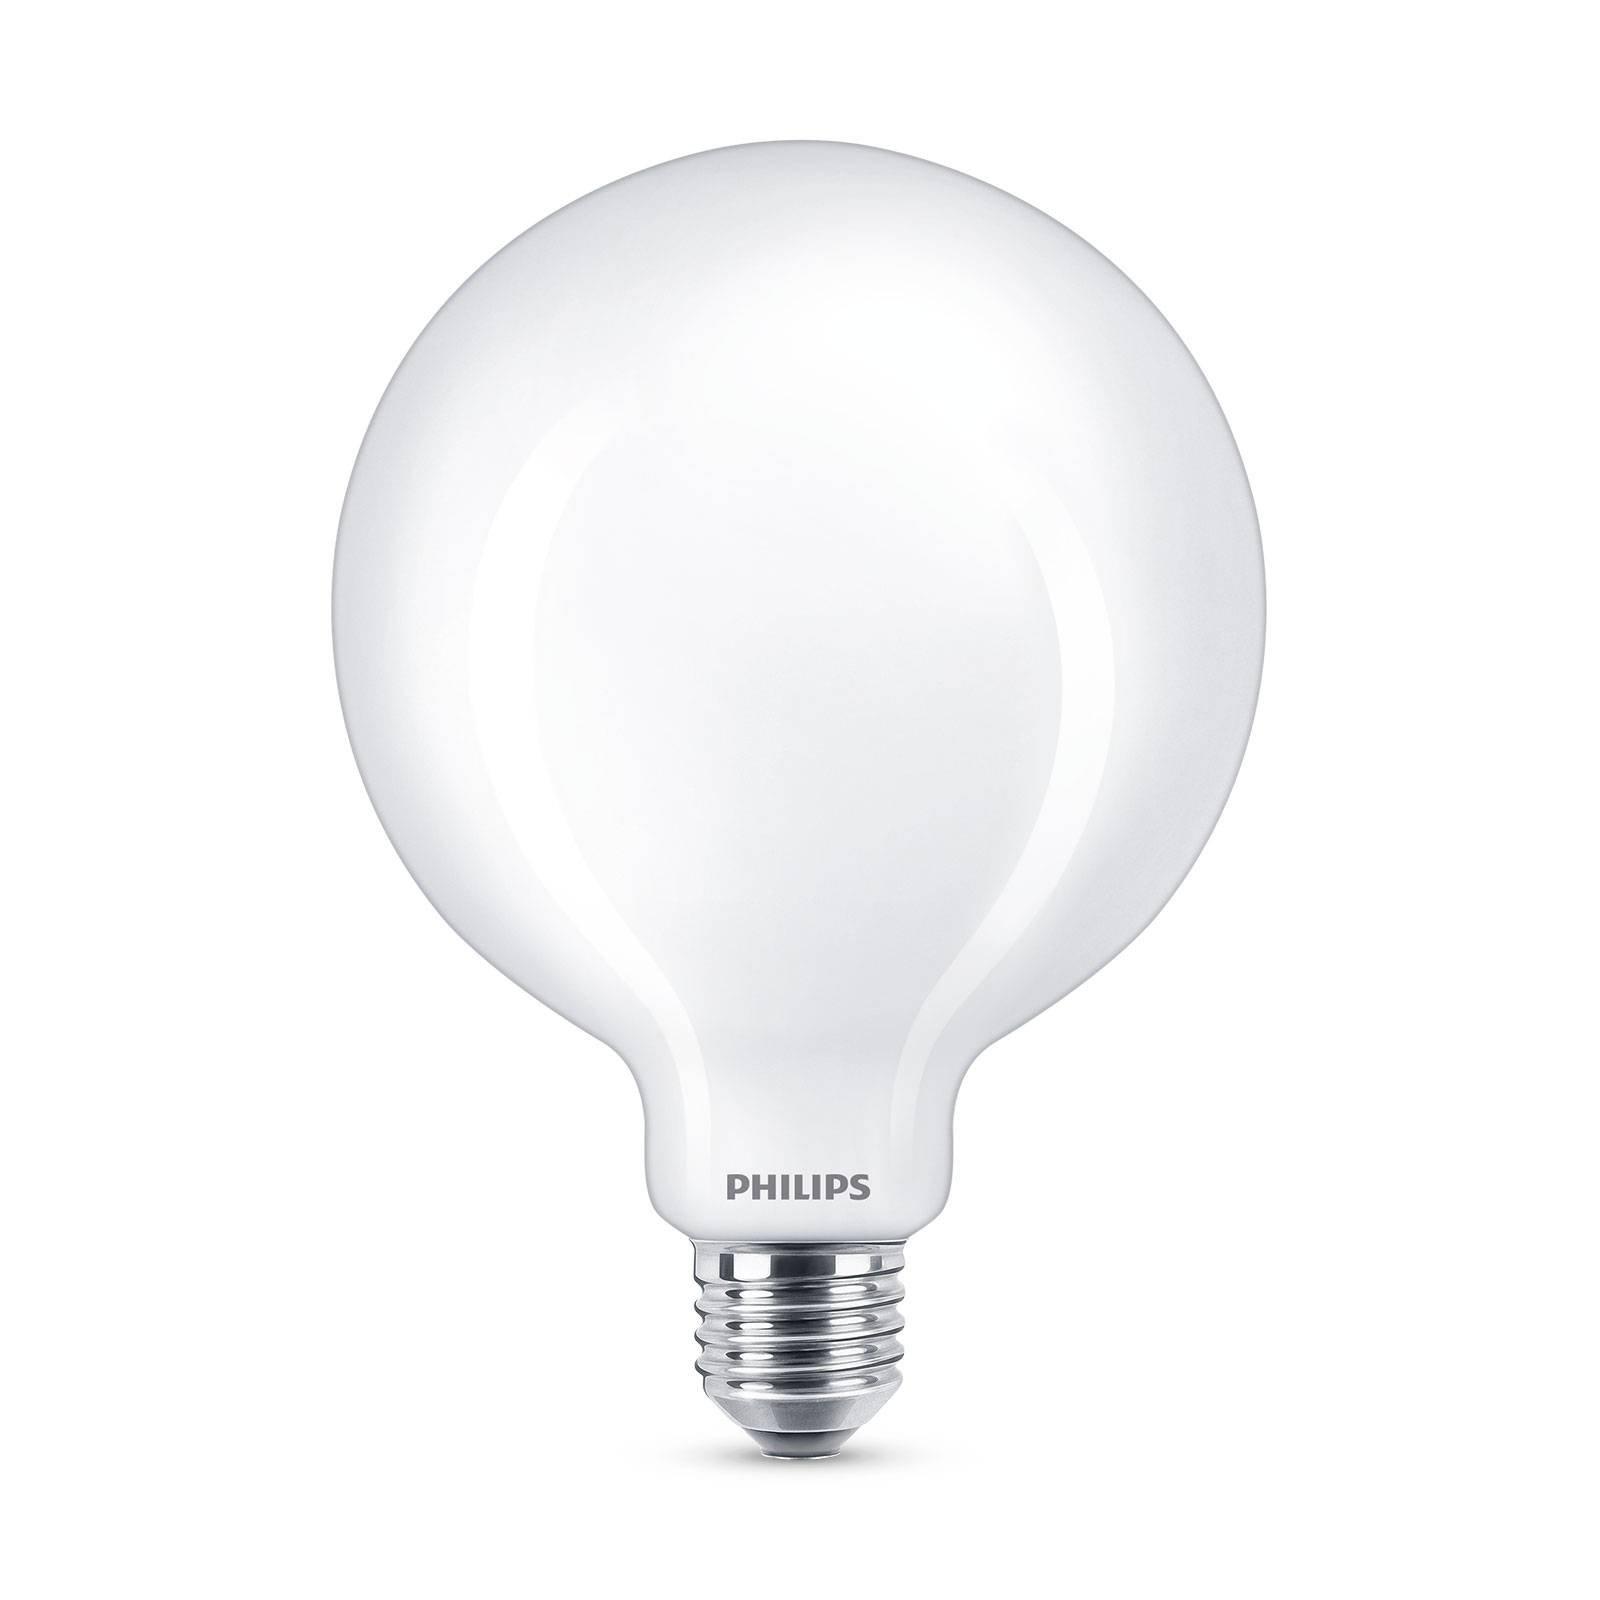 Philips Classic LED-pære E27 G120 7W matt 4 000 K